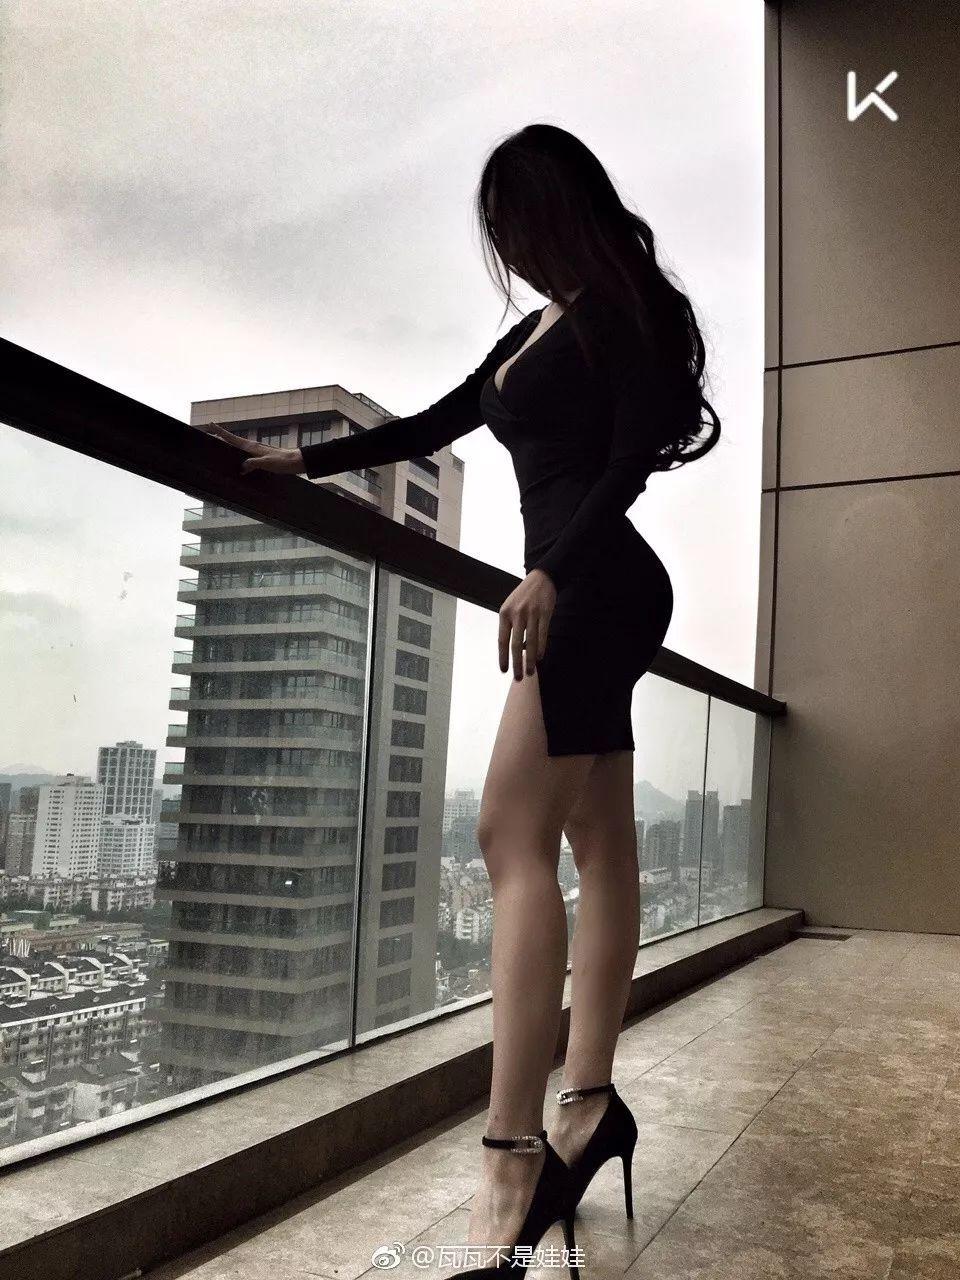 翘臀D罩杯,这个97年中国小姐姐身材完爆欧美大妞